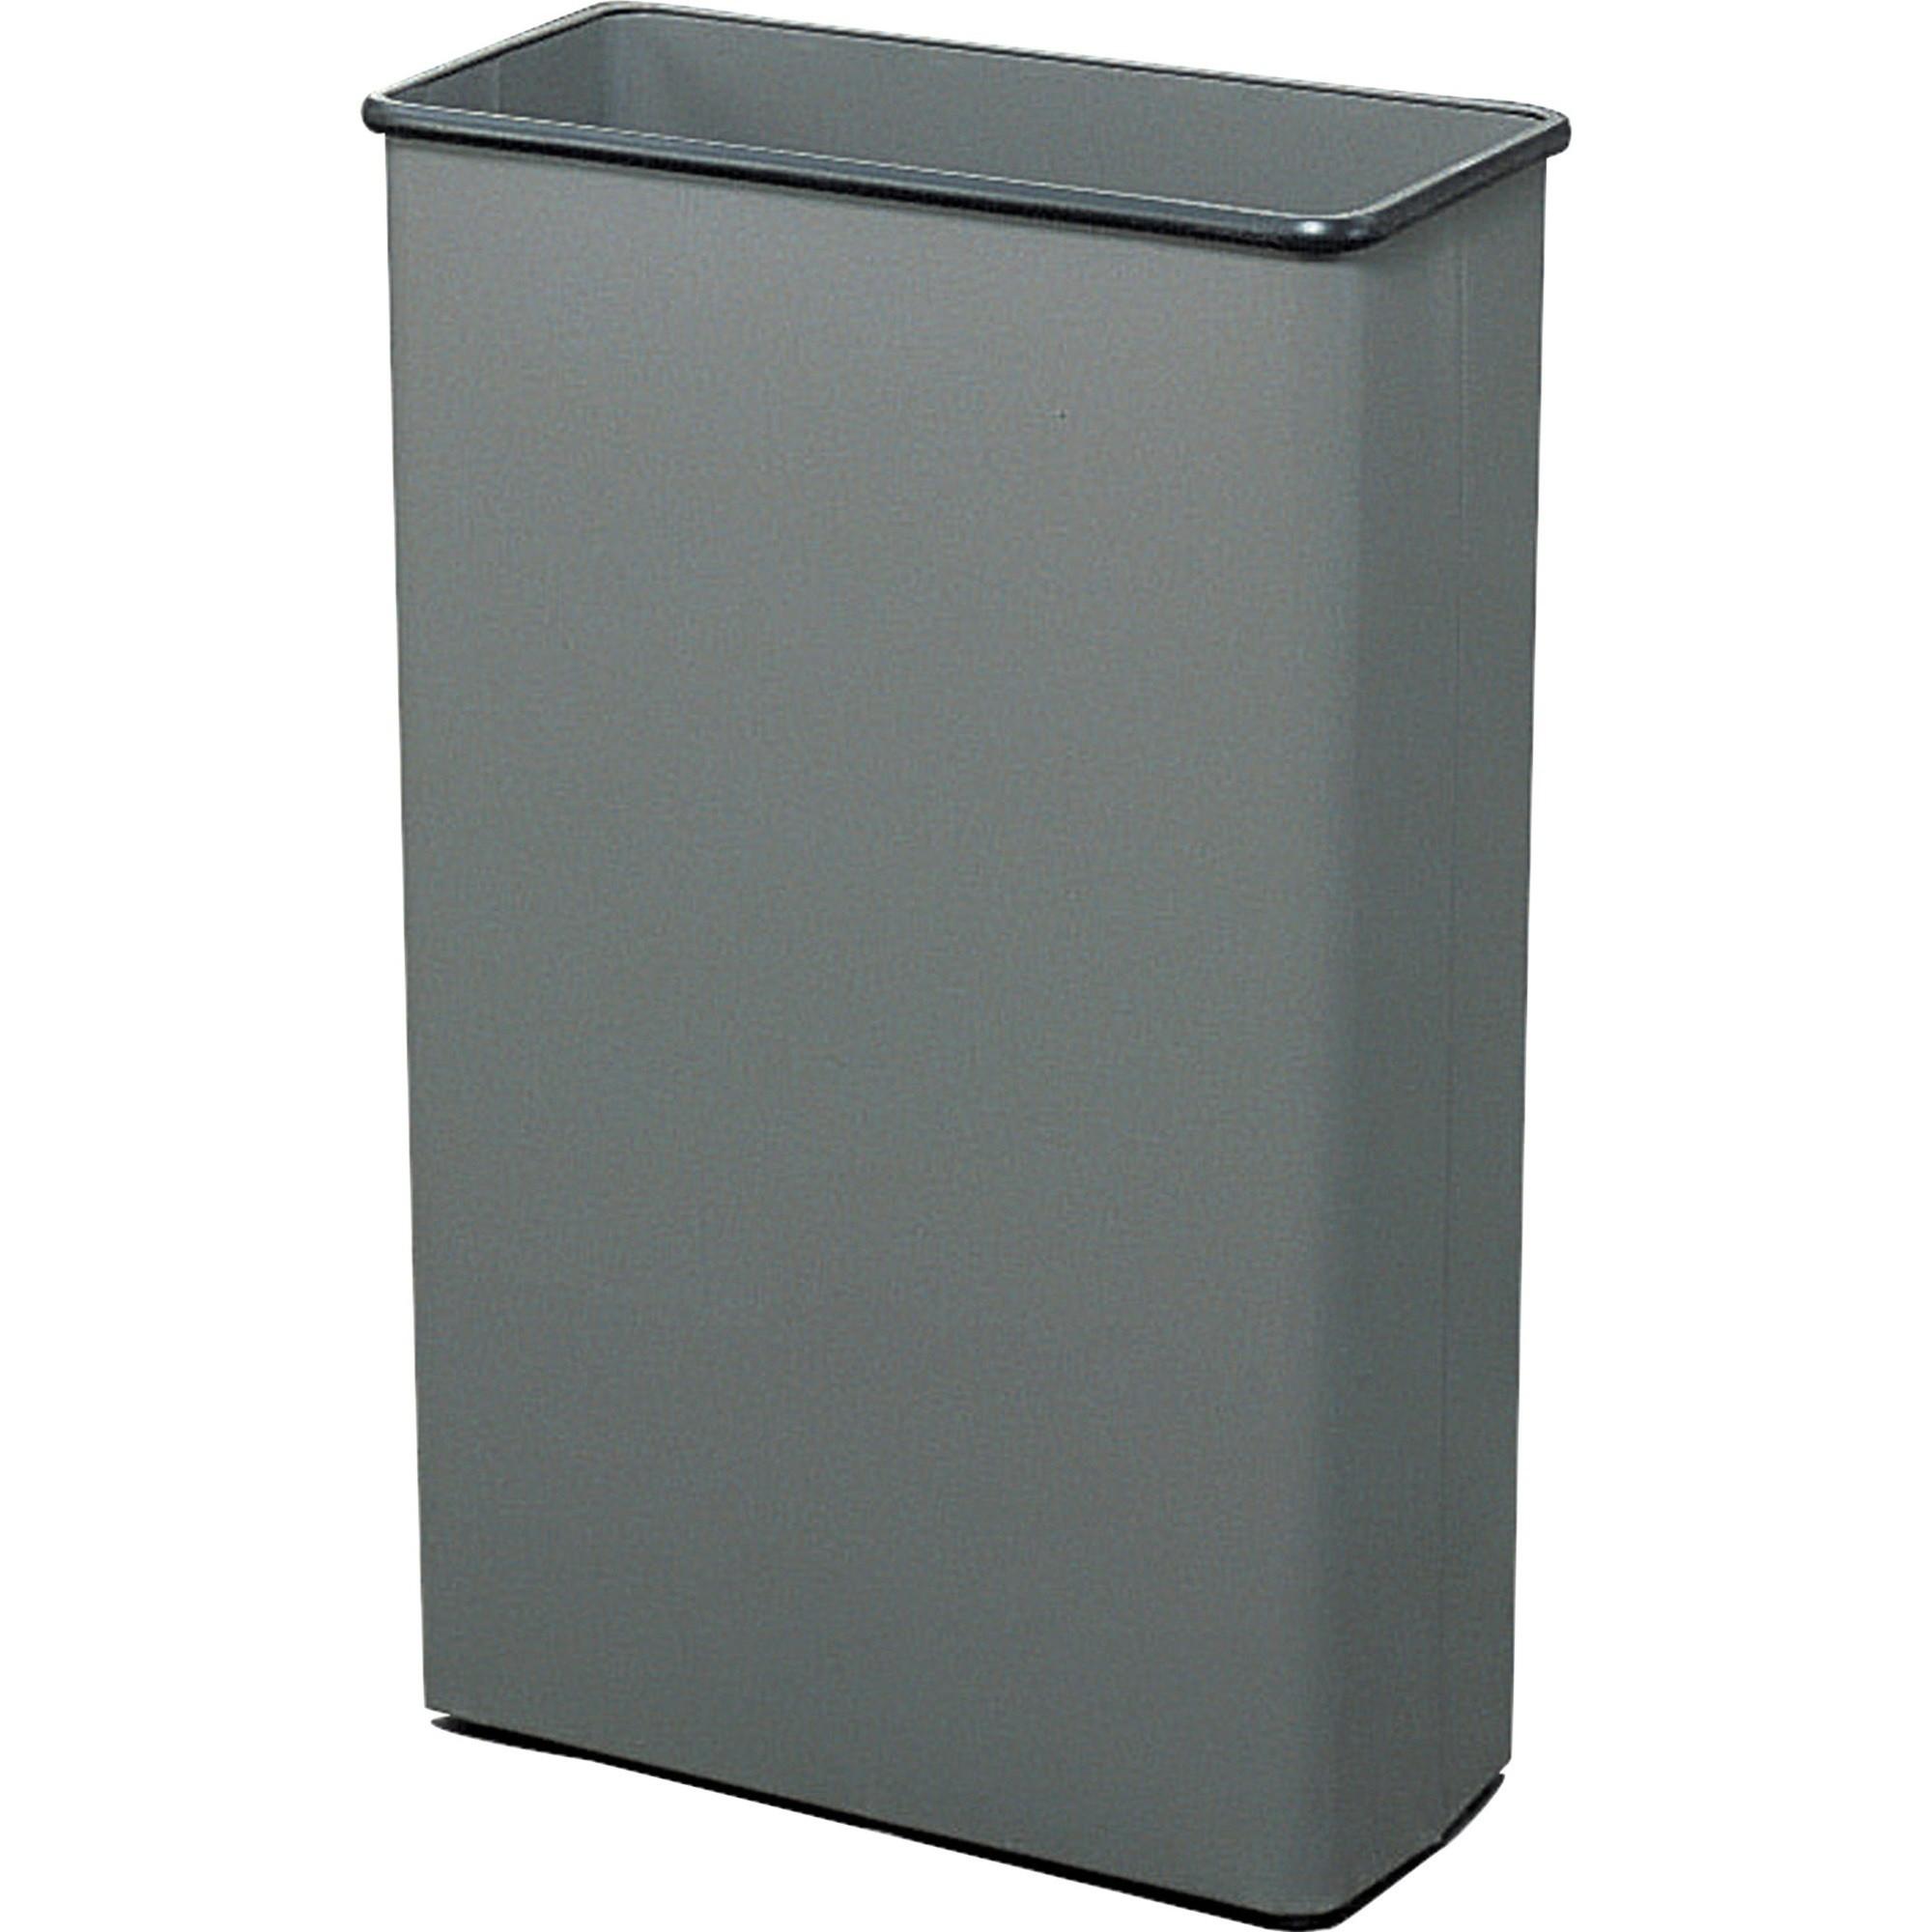 Rectangular Wastebasket, Steel, 22gal, Charcoal